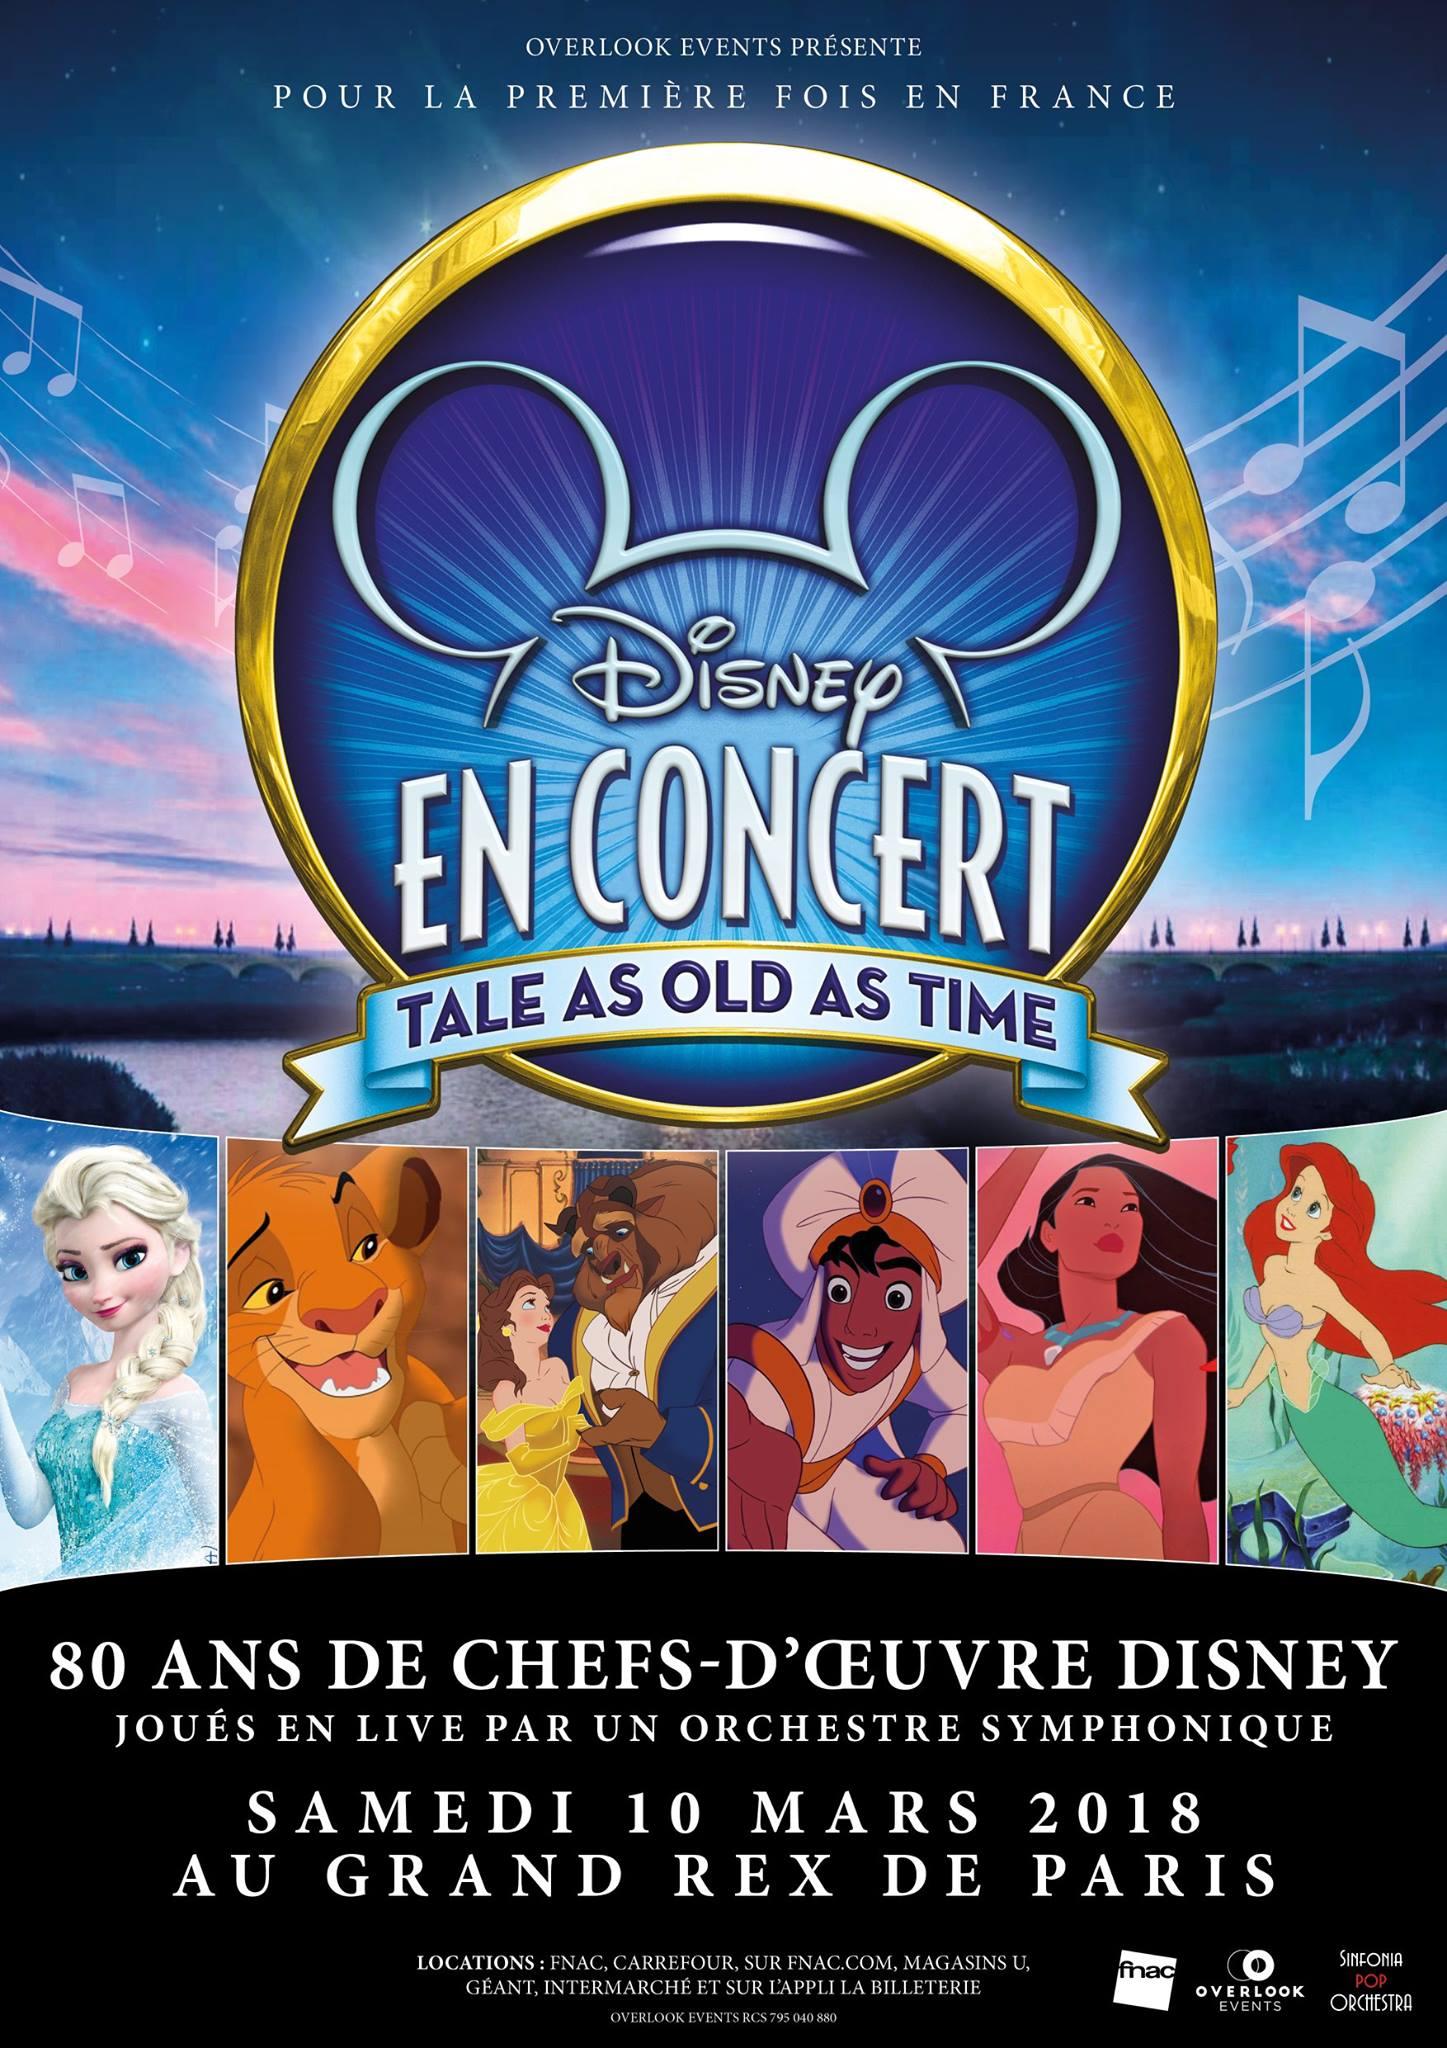 affiche poster disney en concert